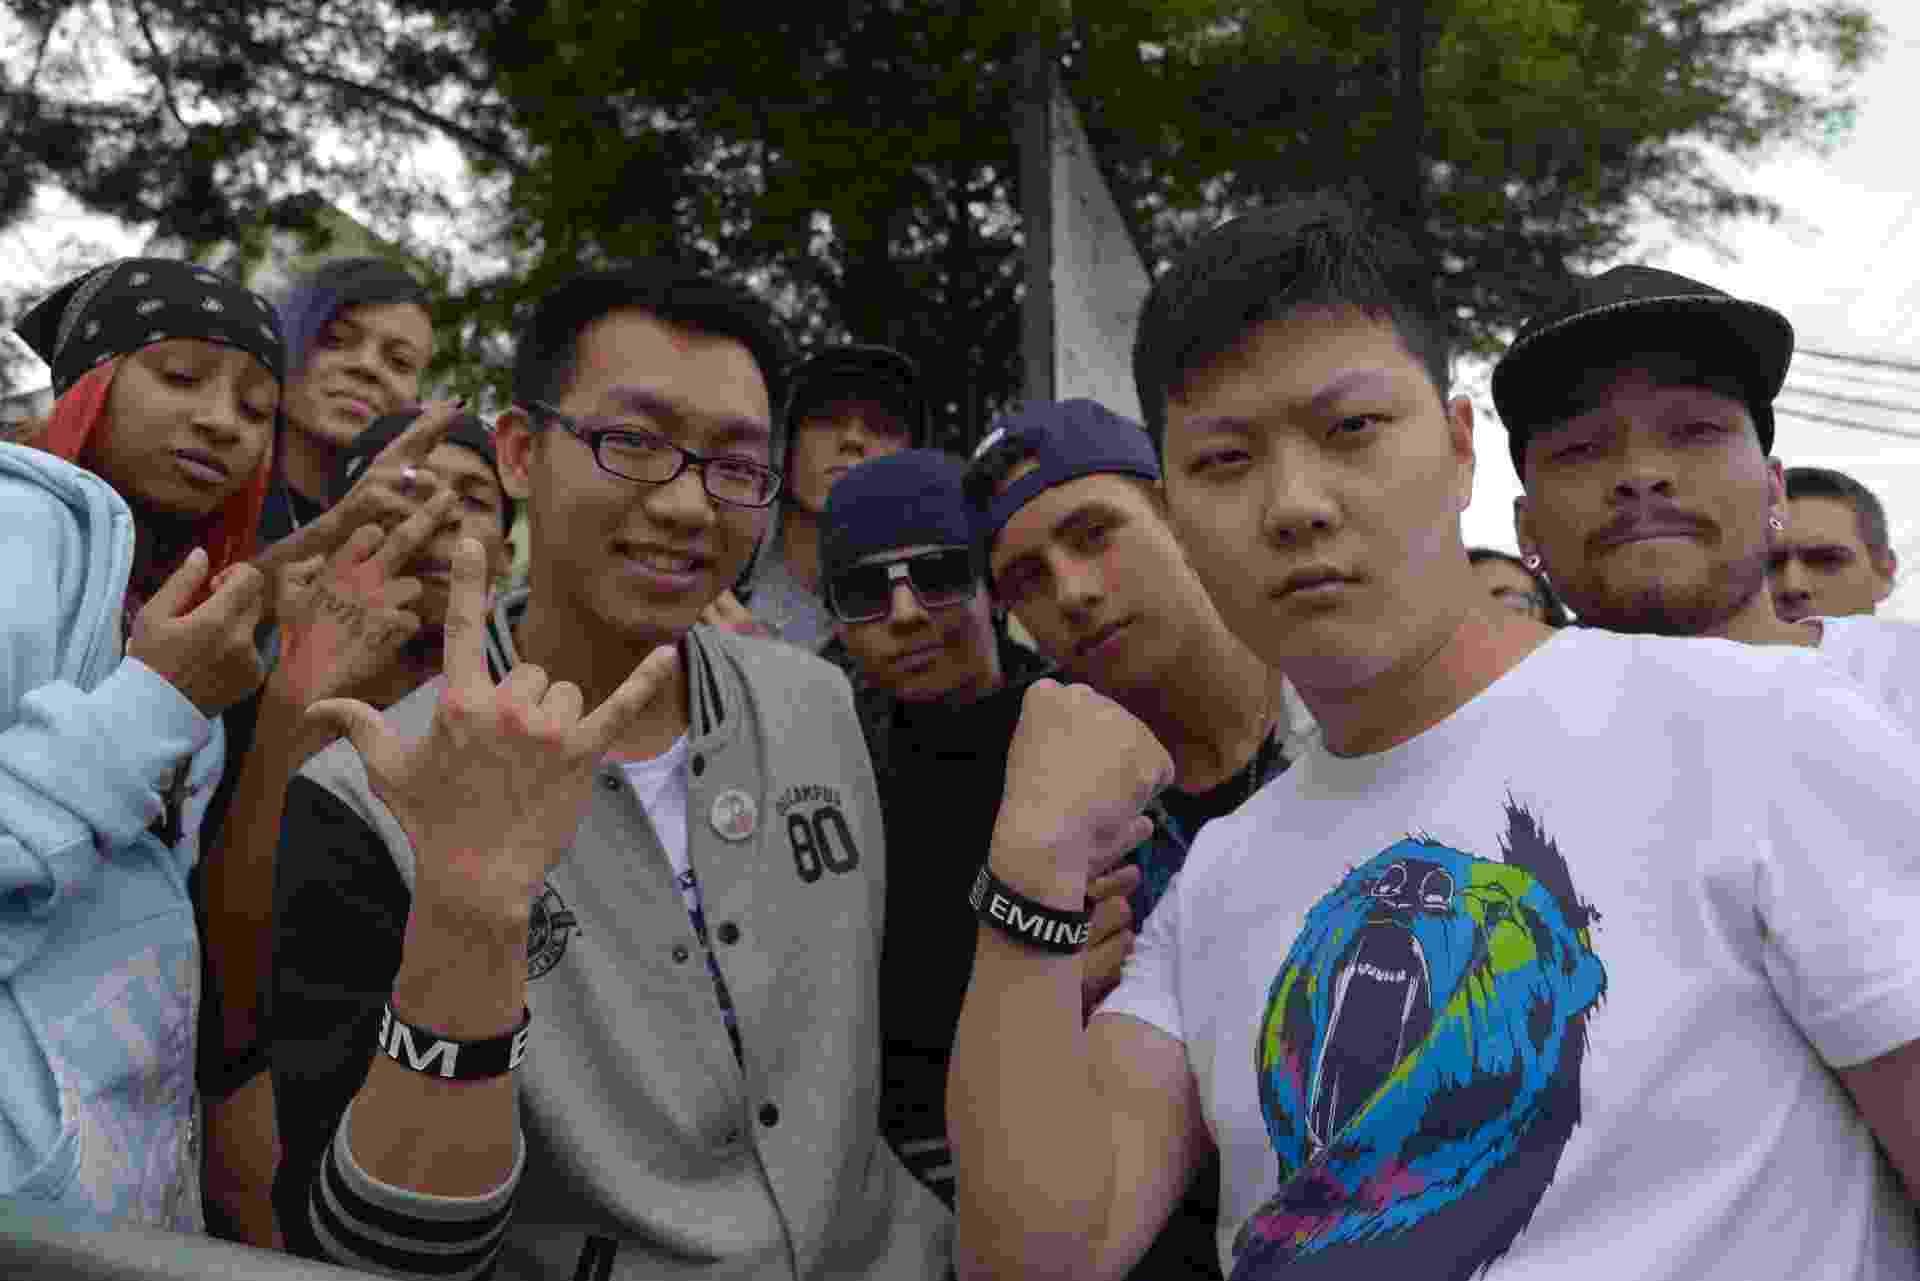 12.mar.2016 - Os amigos chineses de Xangai, Ye Wenhai, 27, e Dai Yun Fei, 28, vieram direto do aeroporto para o Lollapalooza, em São Paulo, para assistir ao show do rapper Eminem - Rafael Roncato/UOL